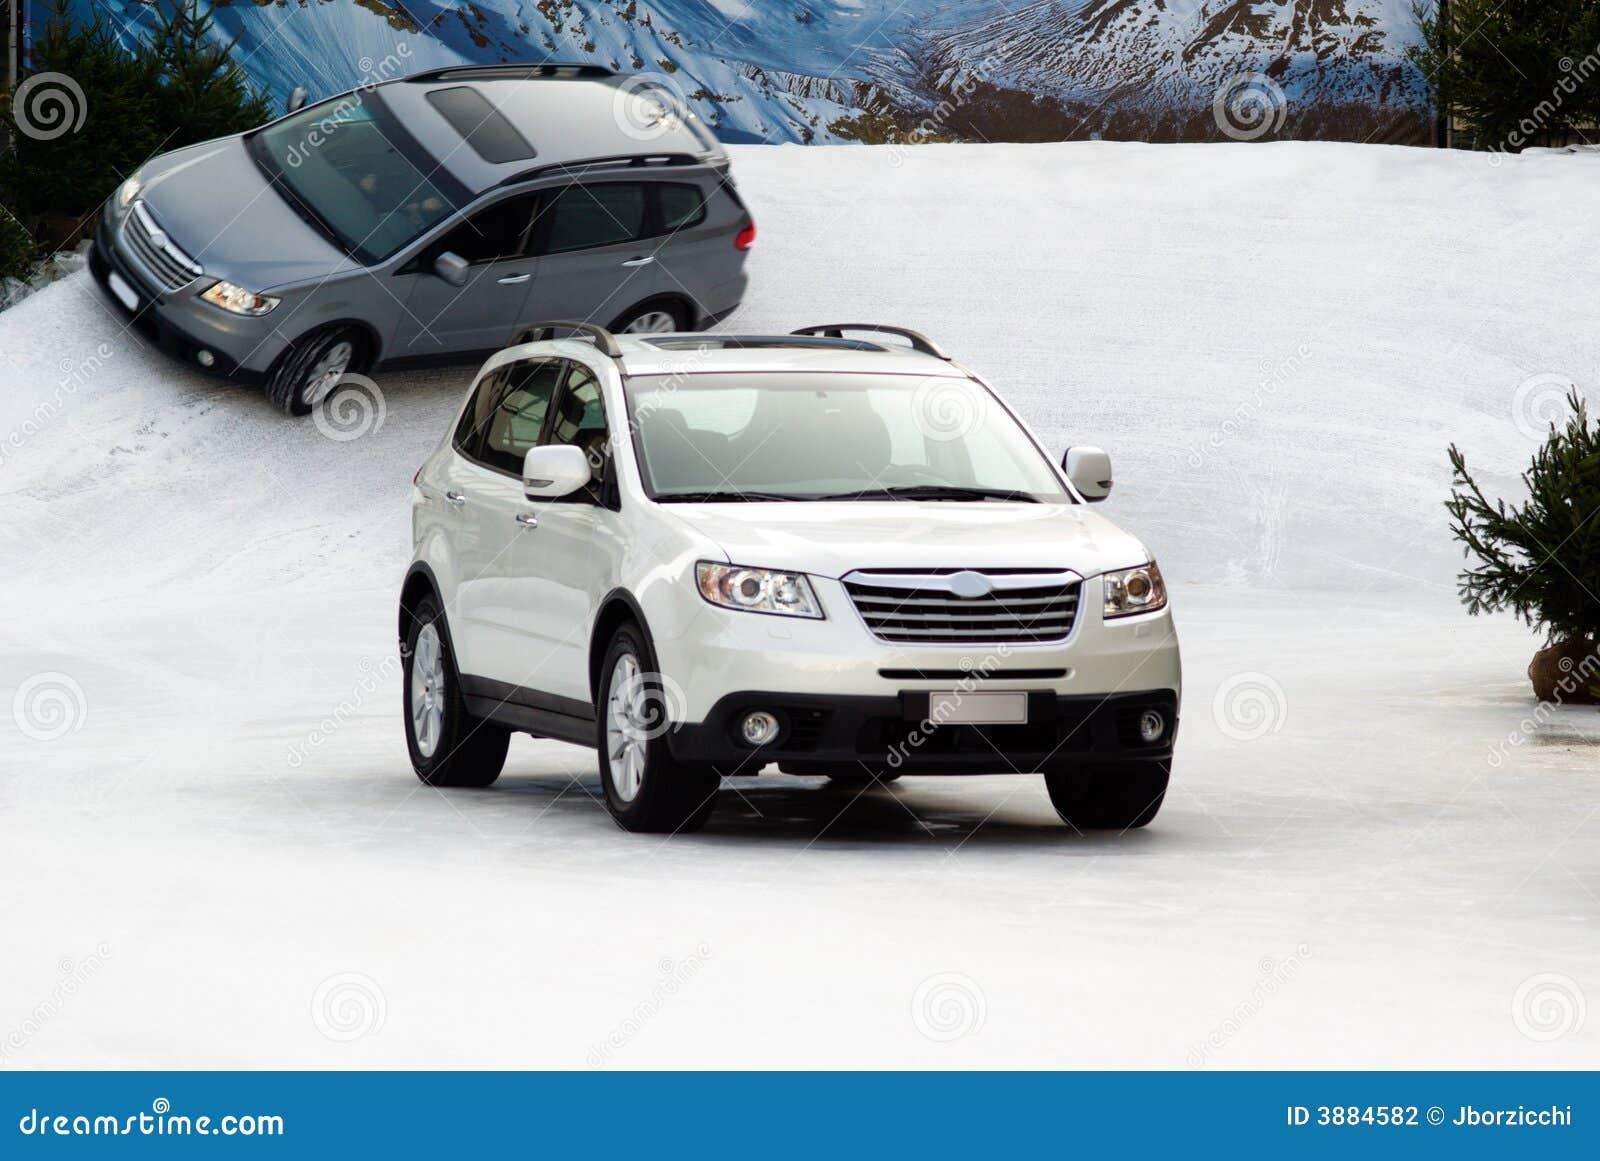 Suv nella neve